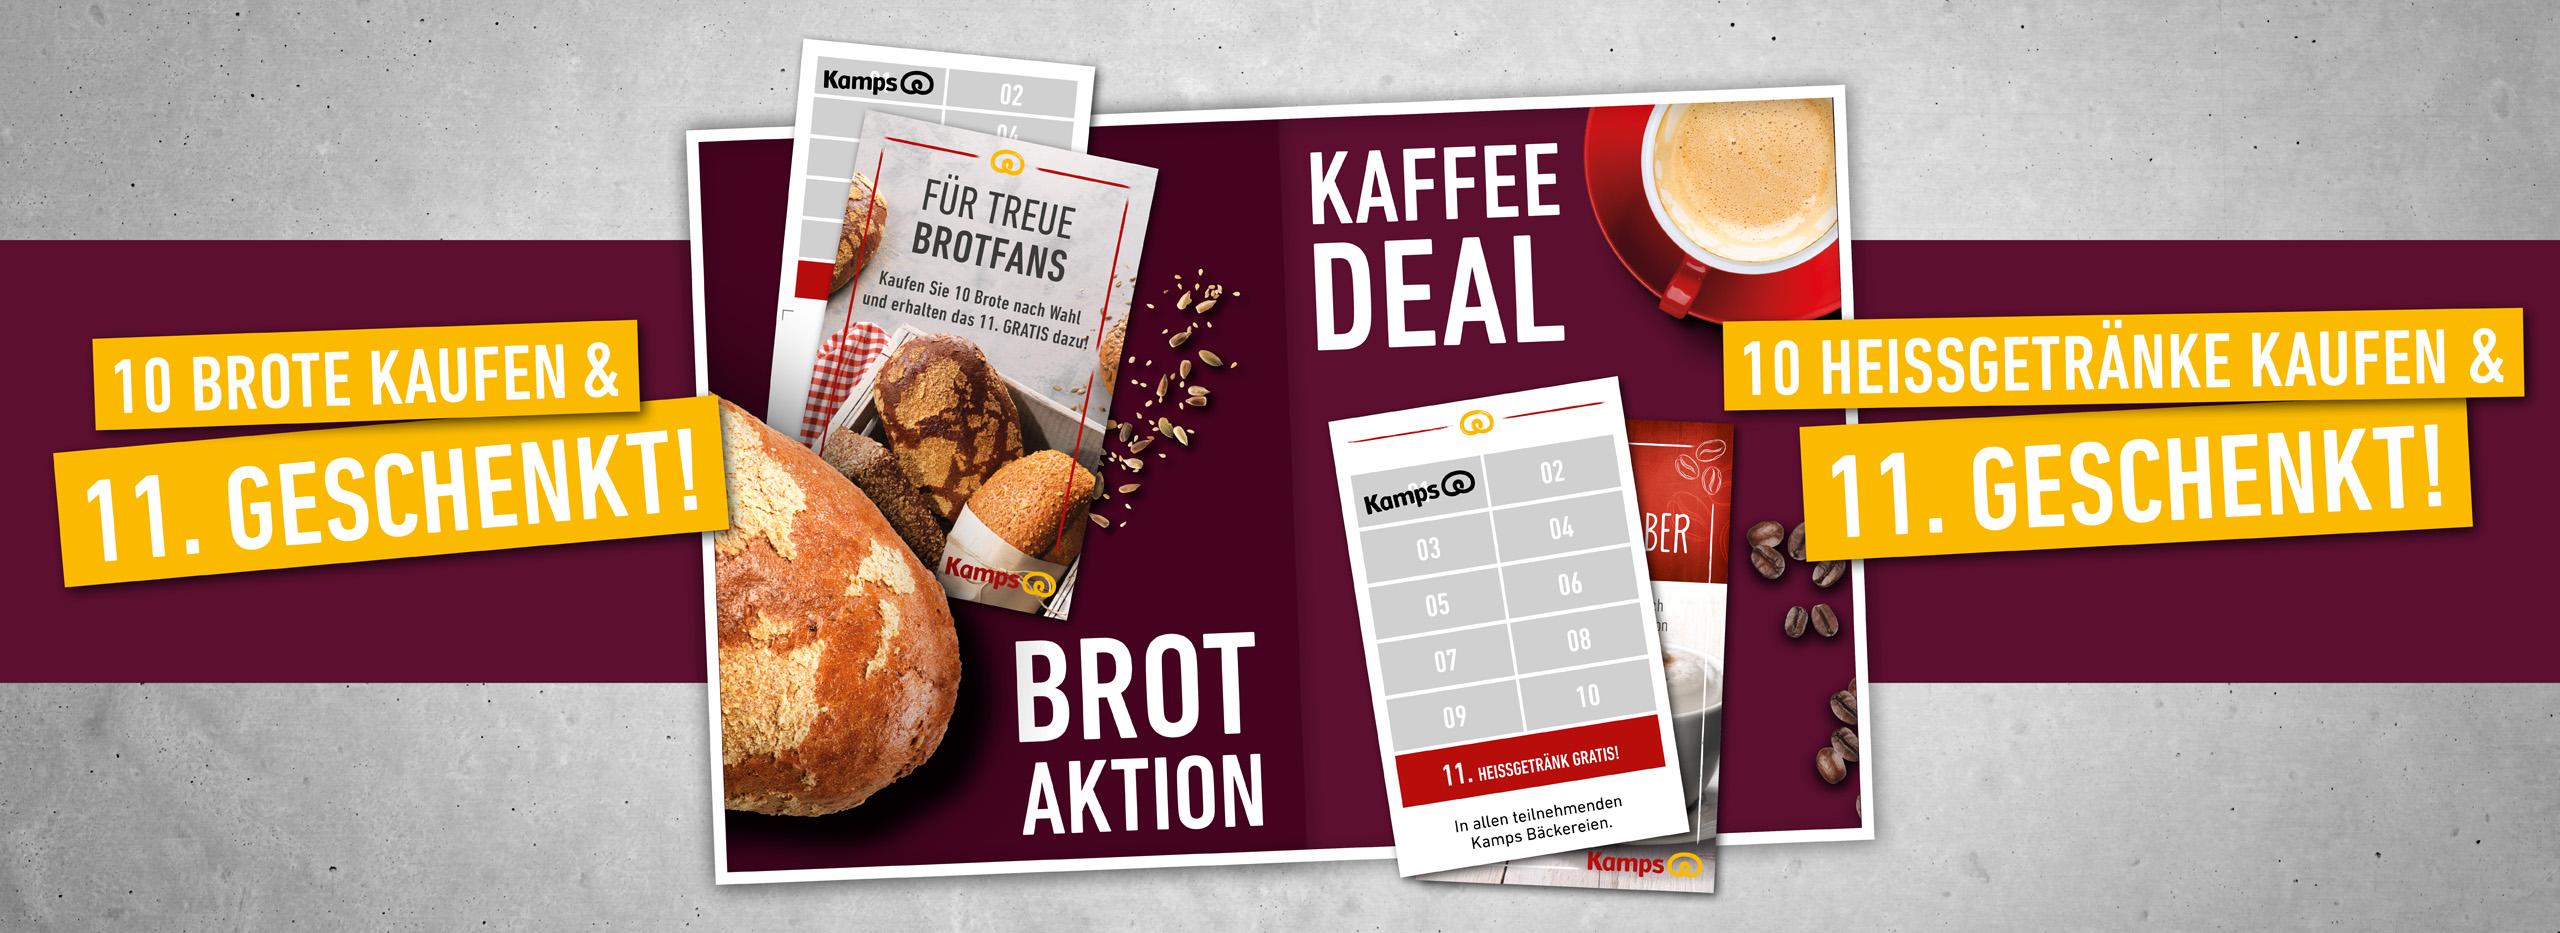 Brot- und Kaffee Deal